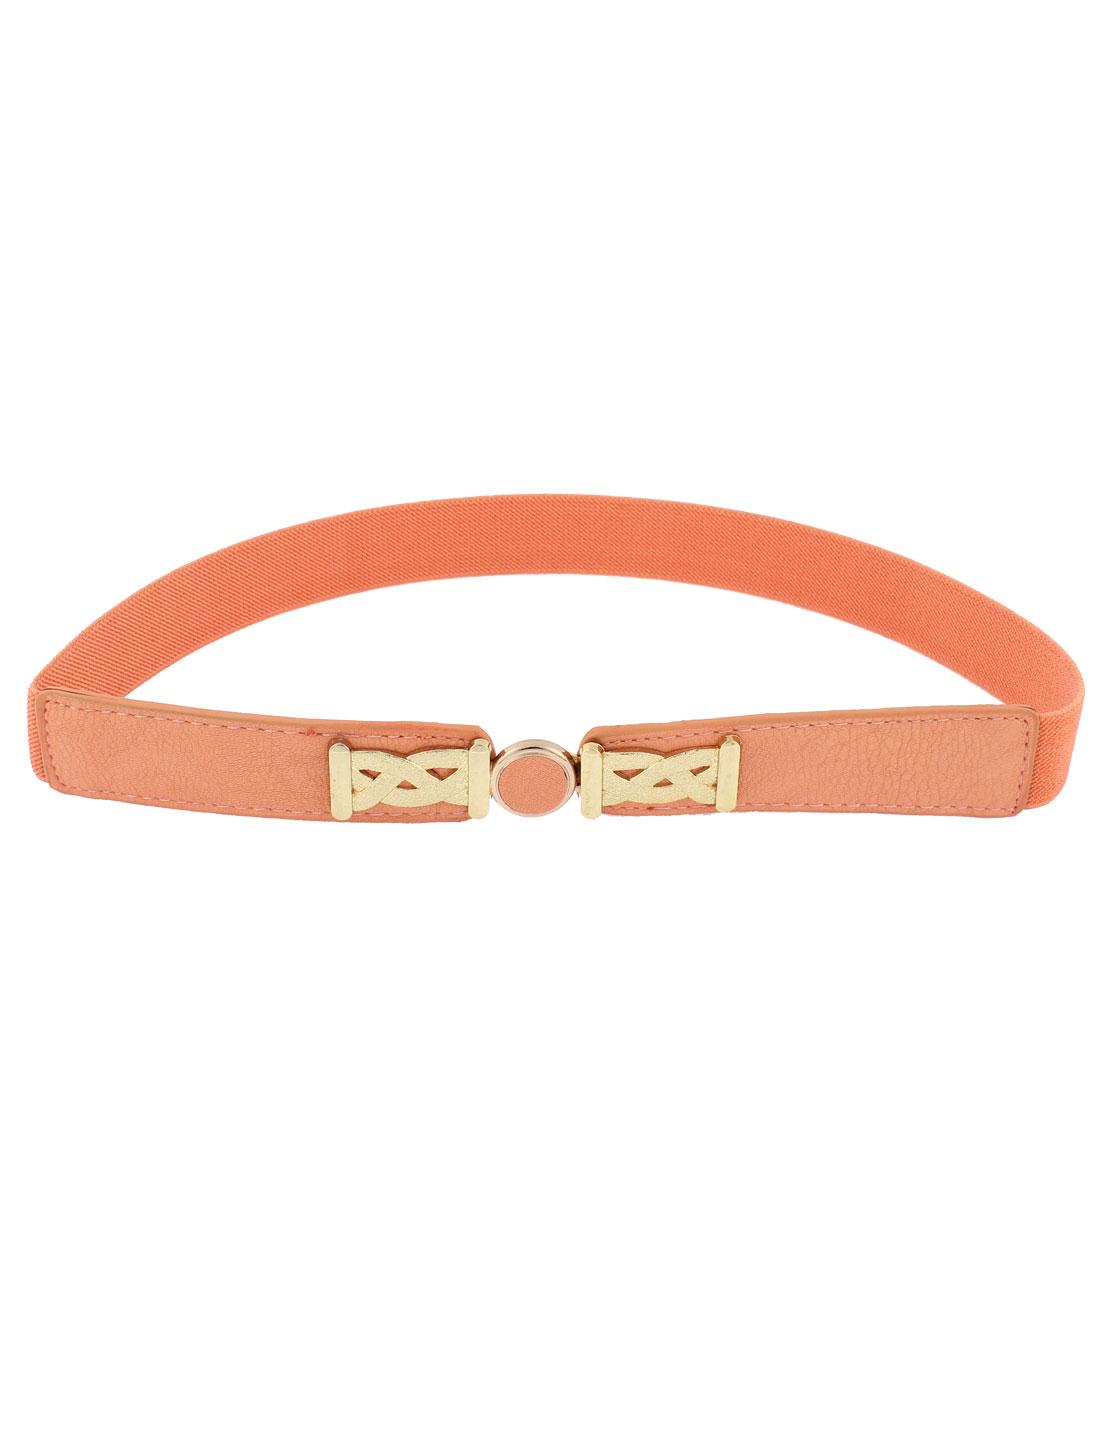 Interlocking Buckle Waist Belt Waistband 1 Inch Width Orange for Women